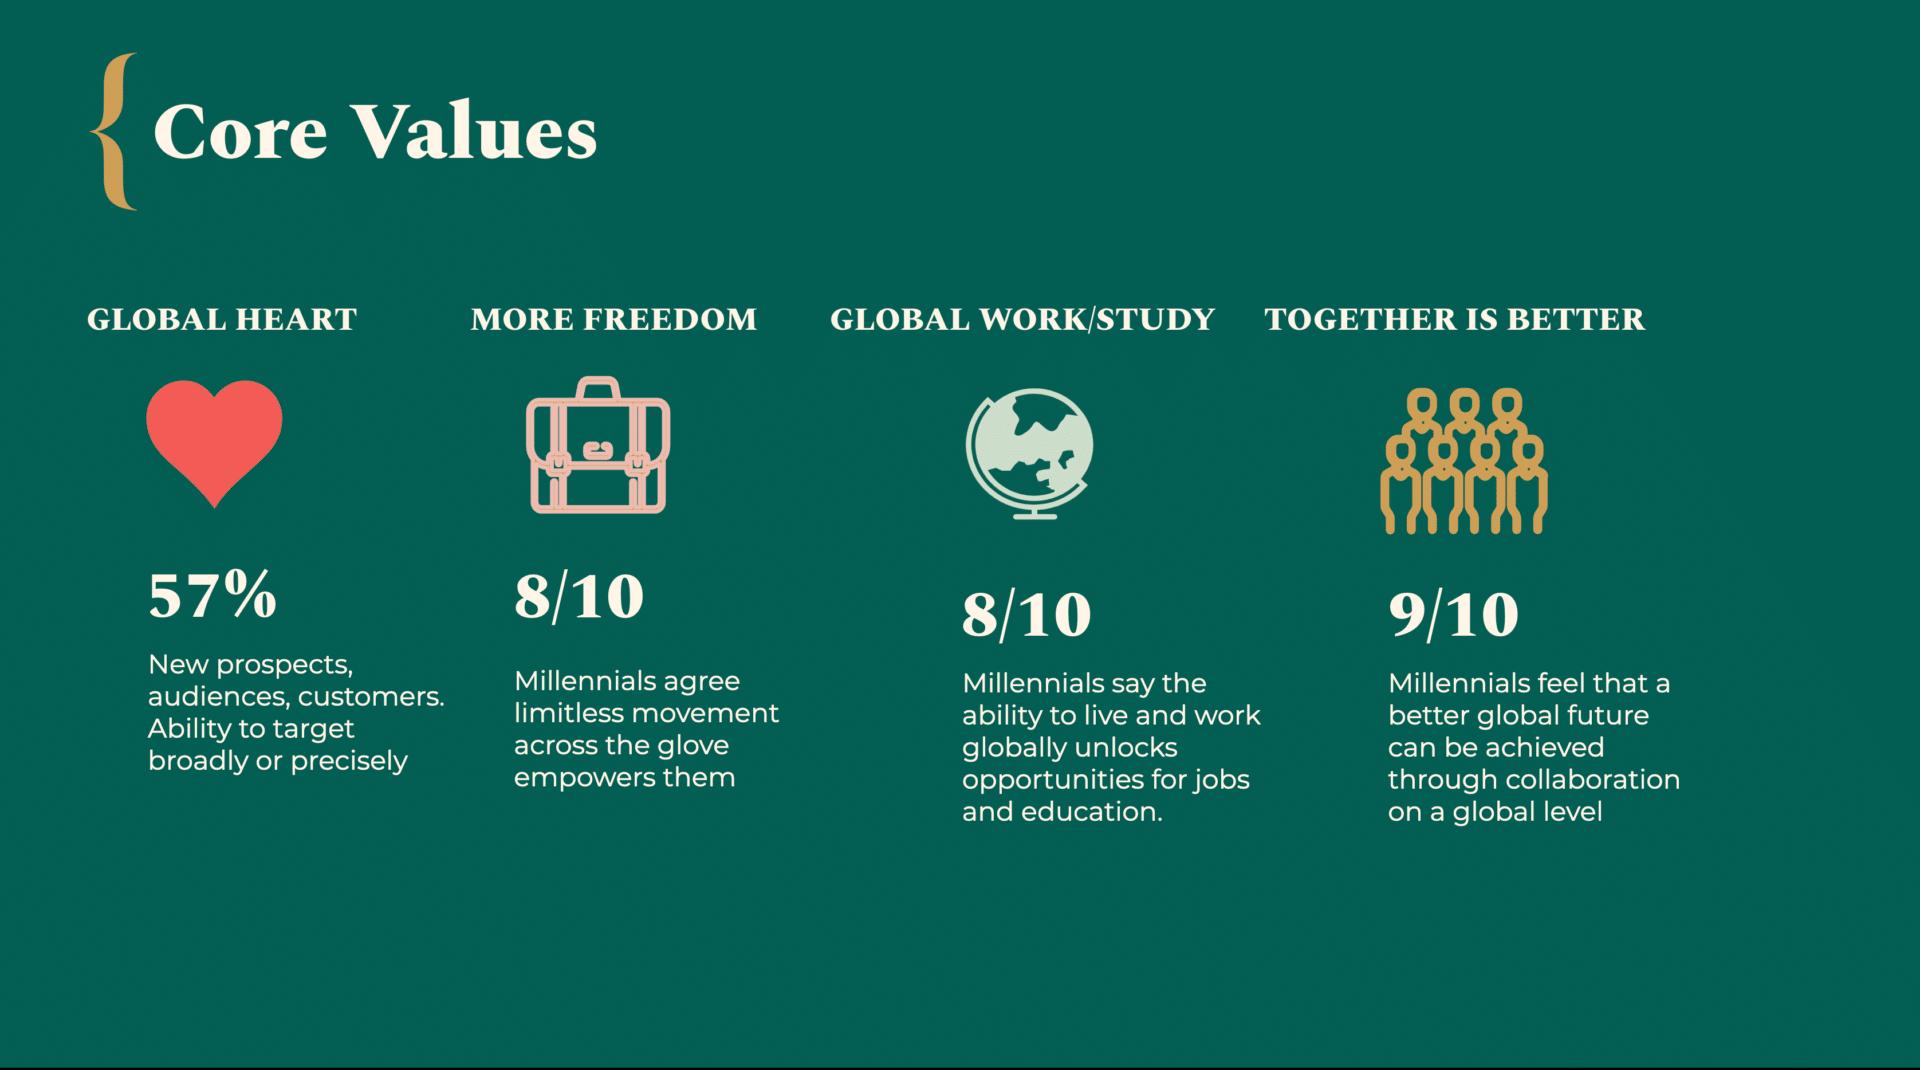 Western Union Purpose-Driven Values